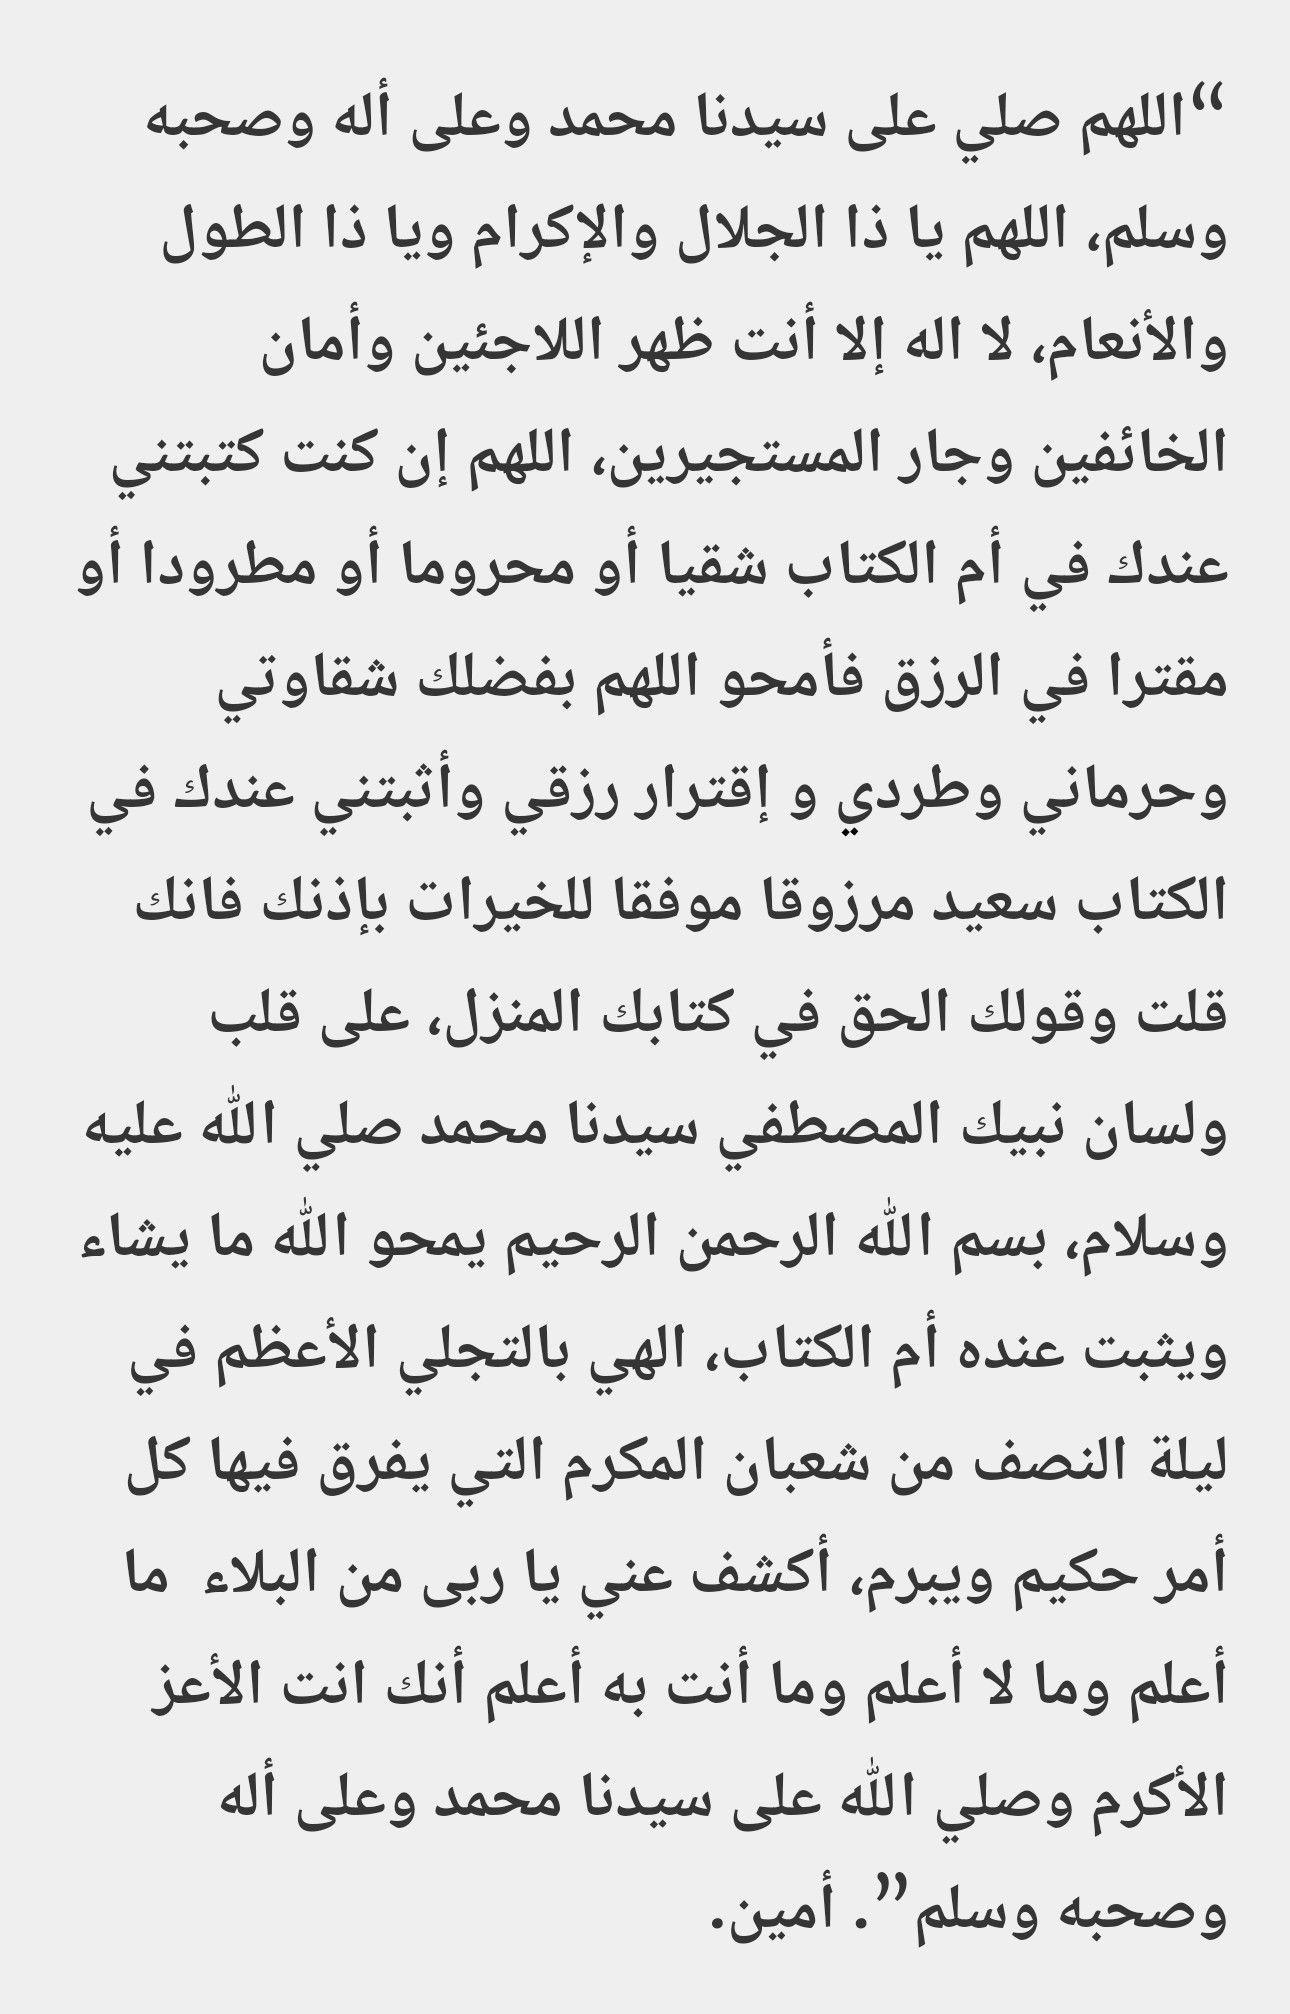 دعاء ليلة النصف من شعبان Islamic Quotes Quotes Sayings